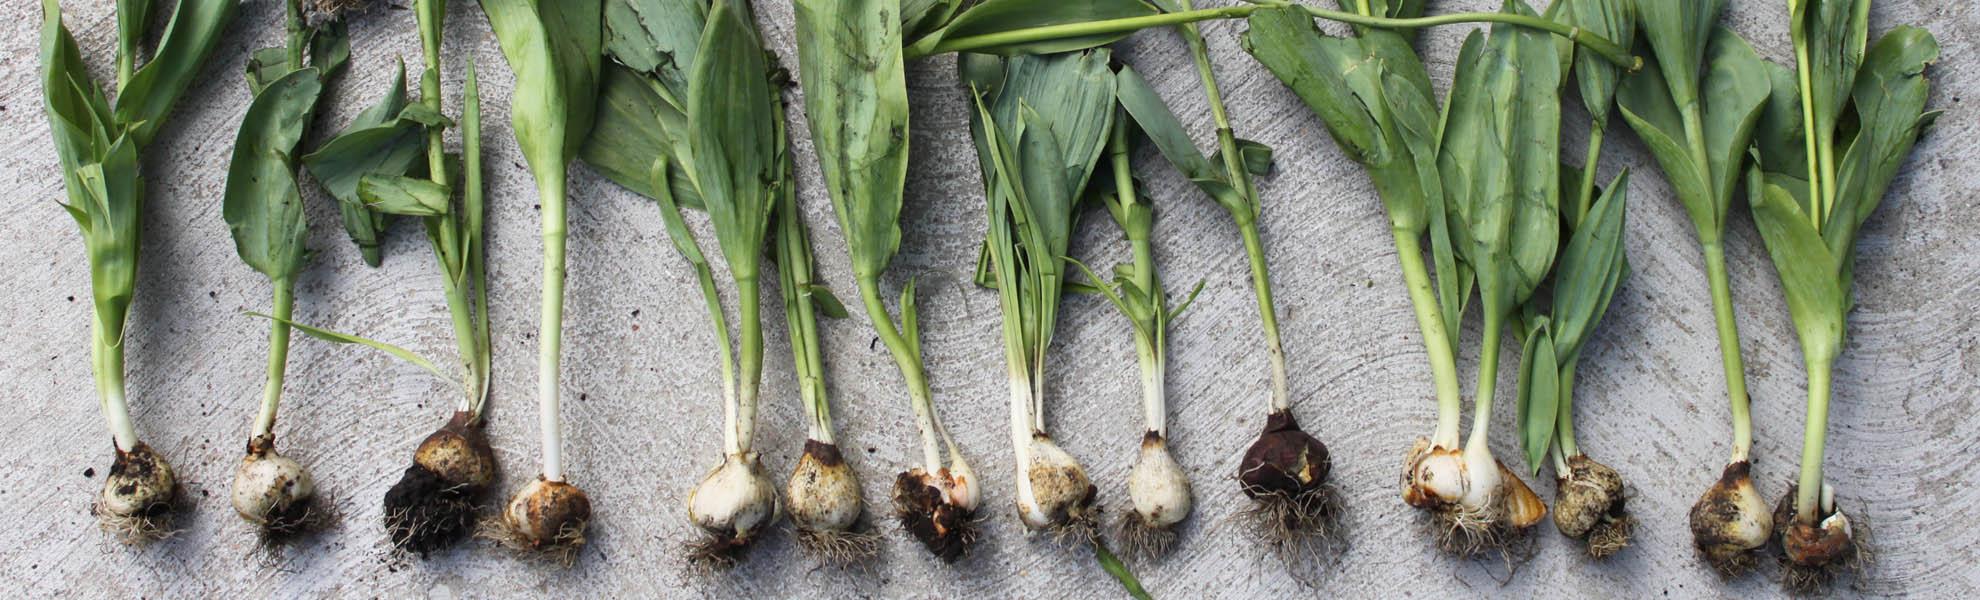 Piantare I Bulbi Di Tulipani come conservare i bulbi - tulipark roma